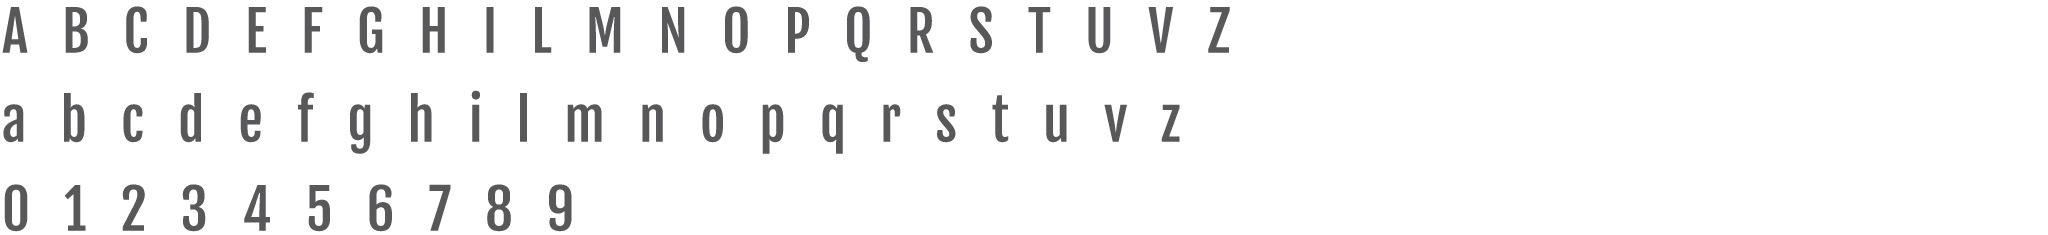 font manifesto zagato 2018